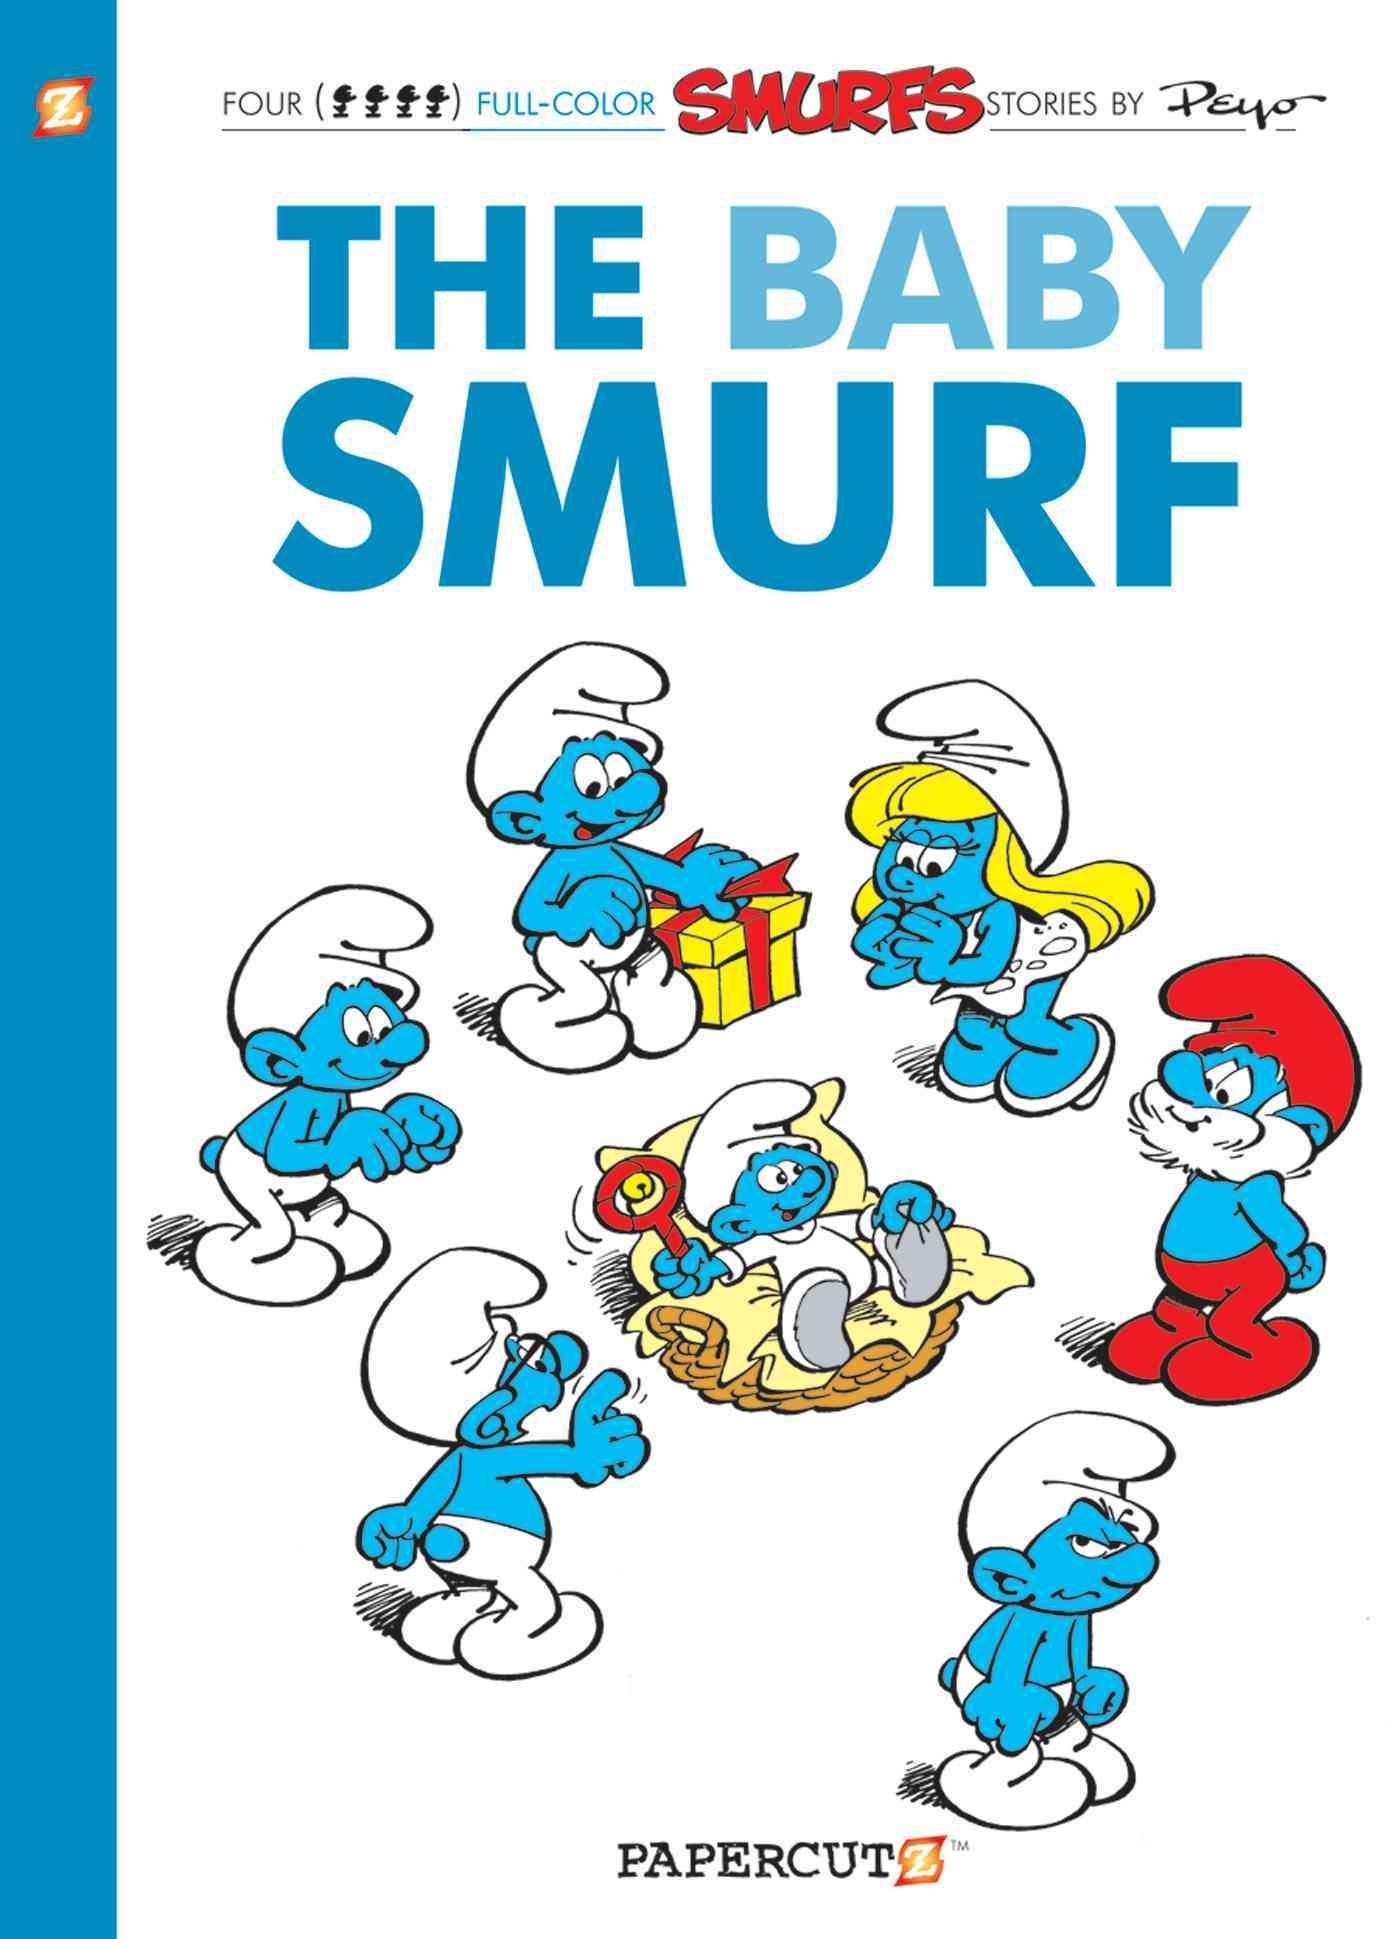 Perfecto Casa De Smurf Para Colorear Composición - Ideas Para ...